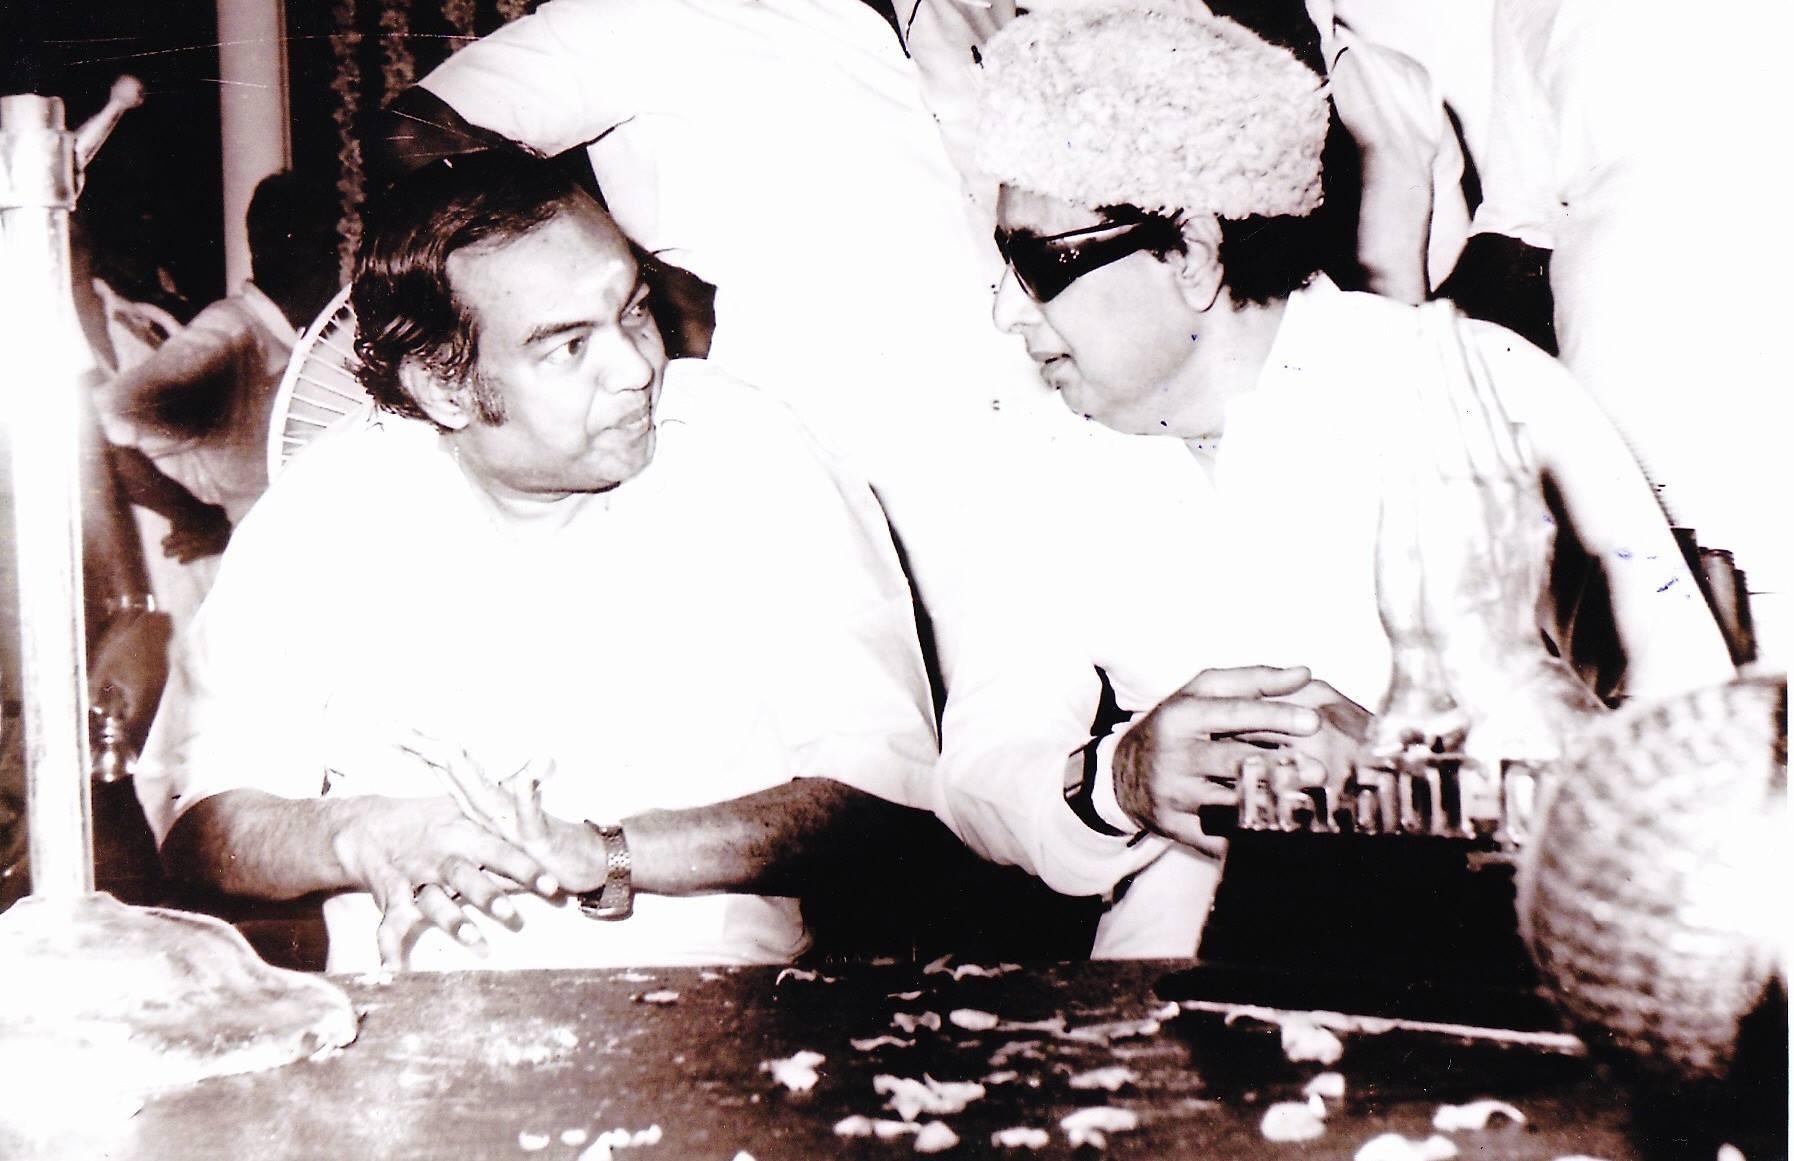 எம்.ஜி.ஆருடன் கண்ணதாசன்